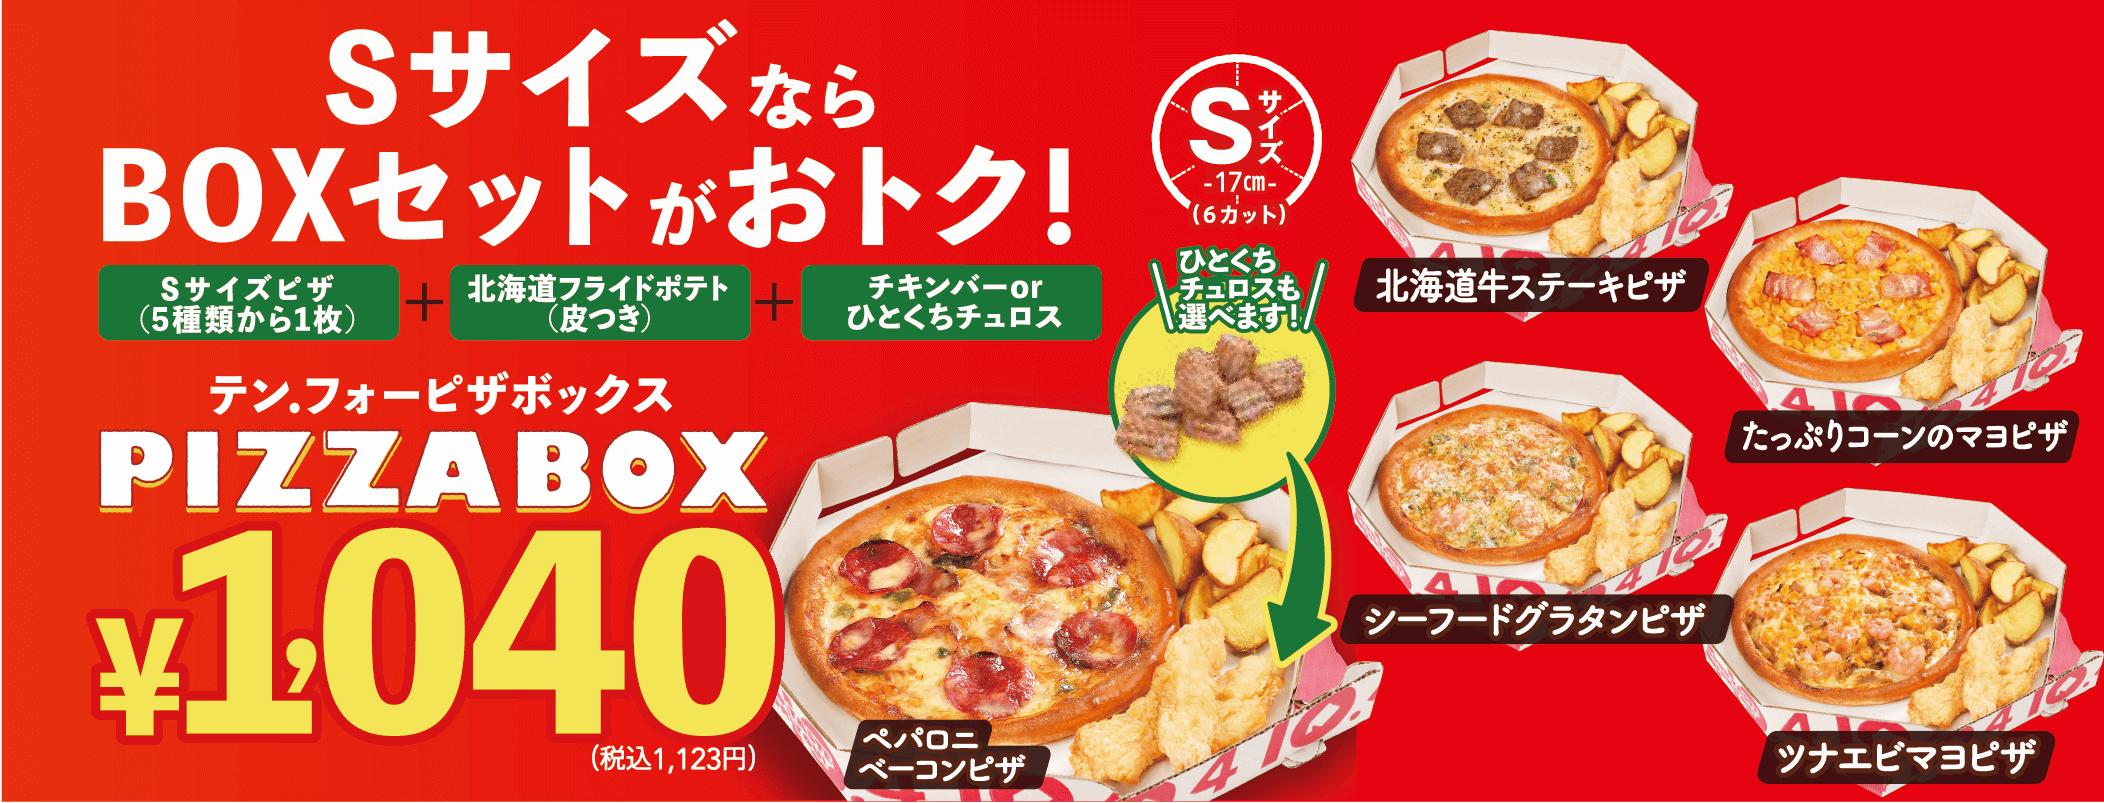 テン.フォーの『北海道牛ステーキピザも選べるお得なBOXセット』